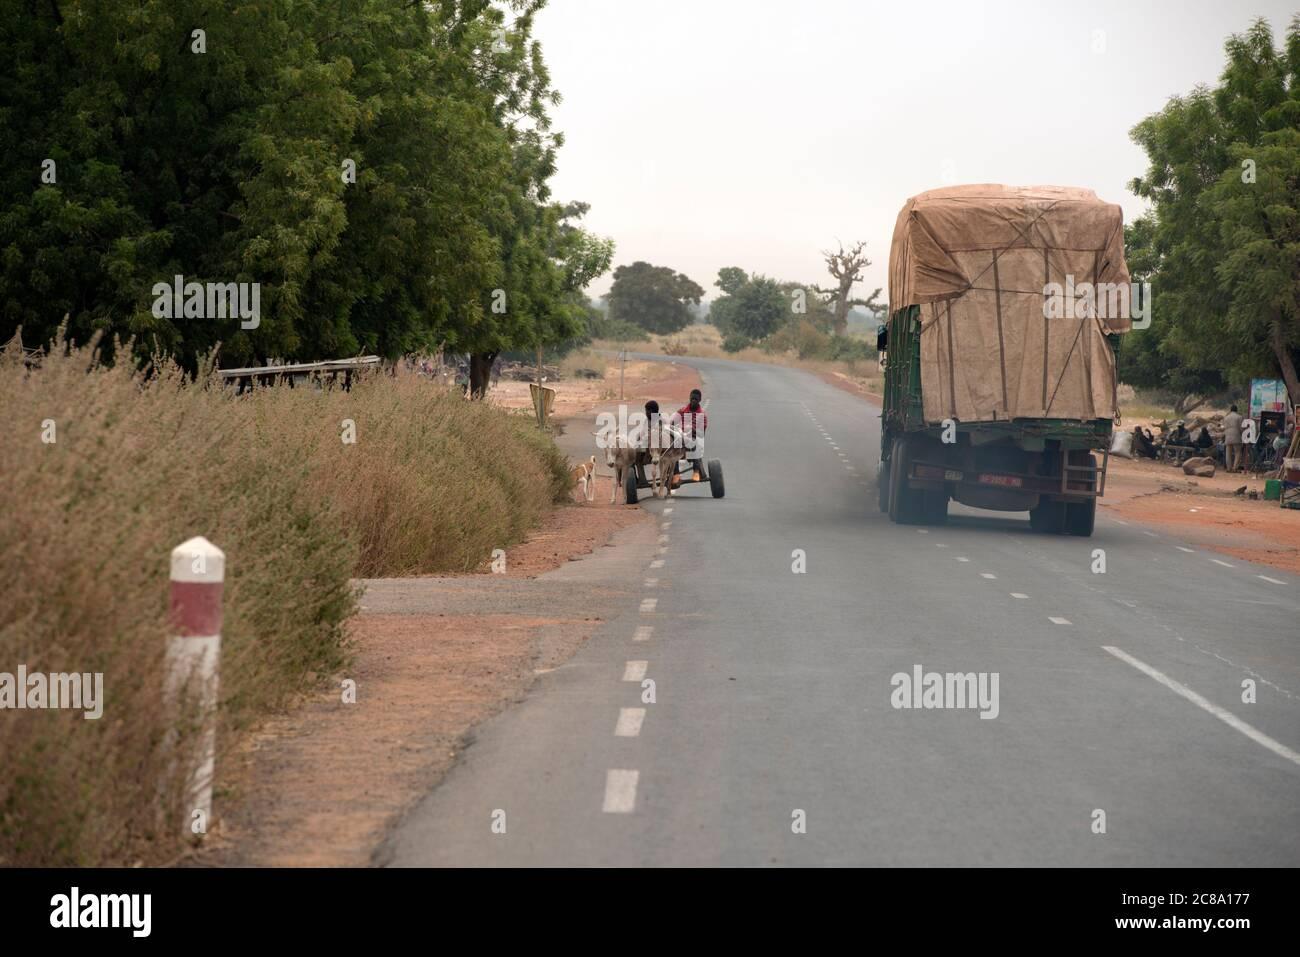 Un camión pasa un carro de burros en la región de Mopti, en las zonas rurales de Malí, África Occidental. Foto de stock